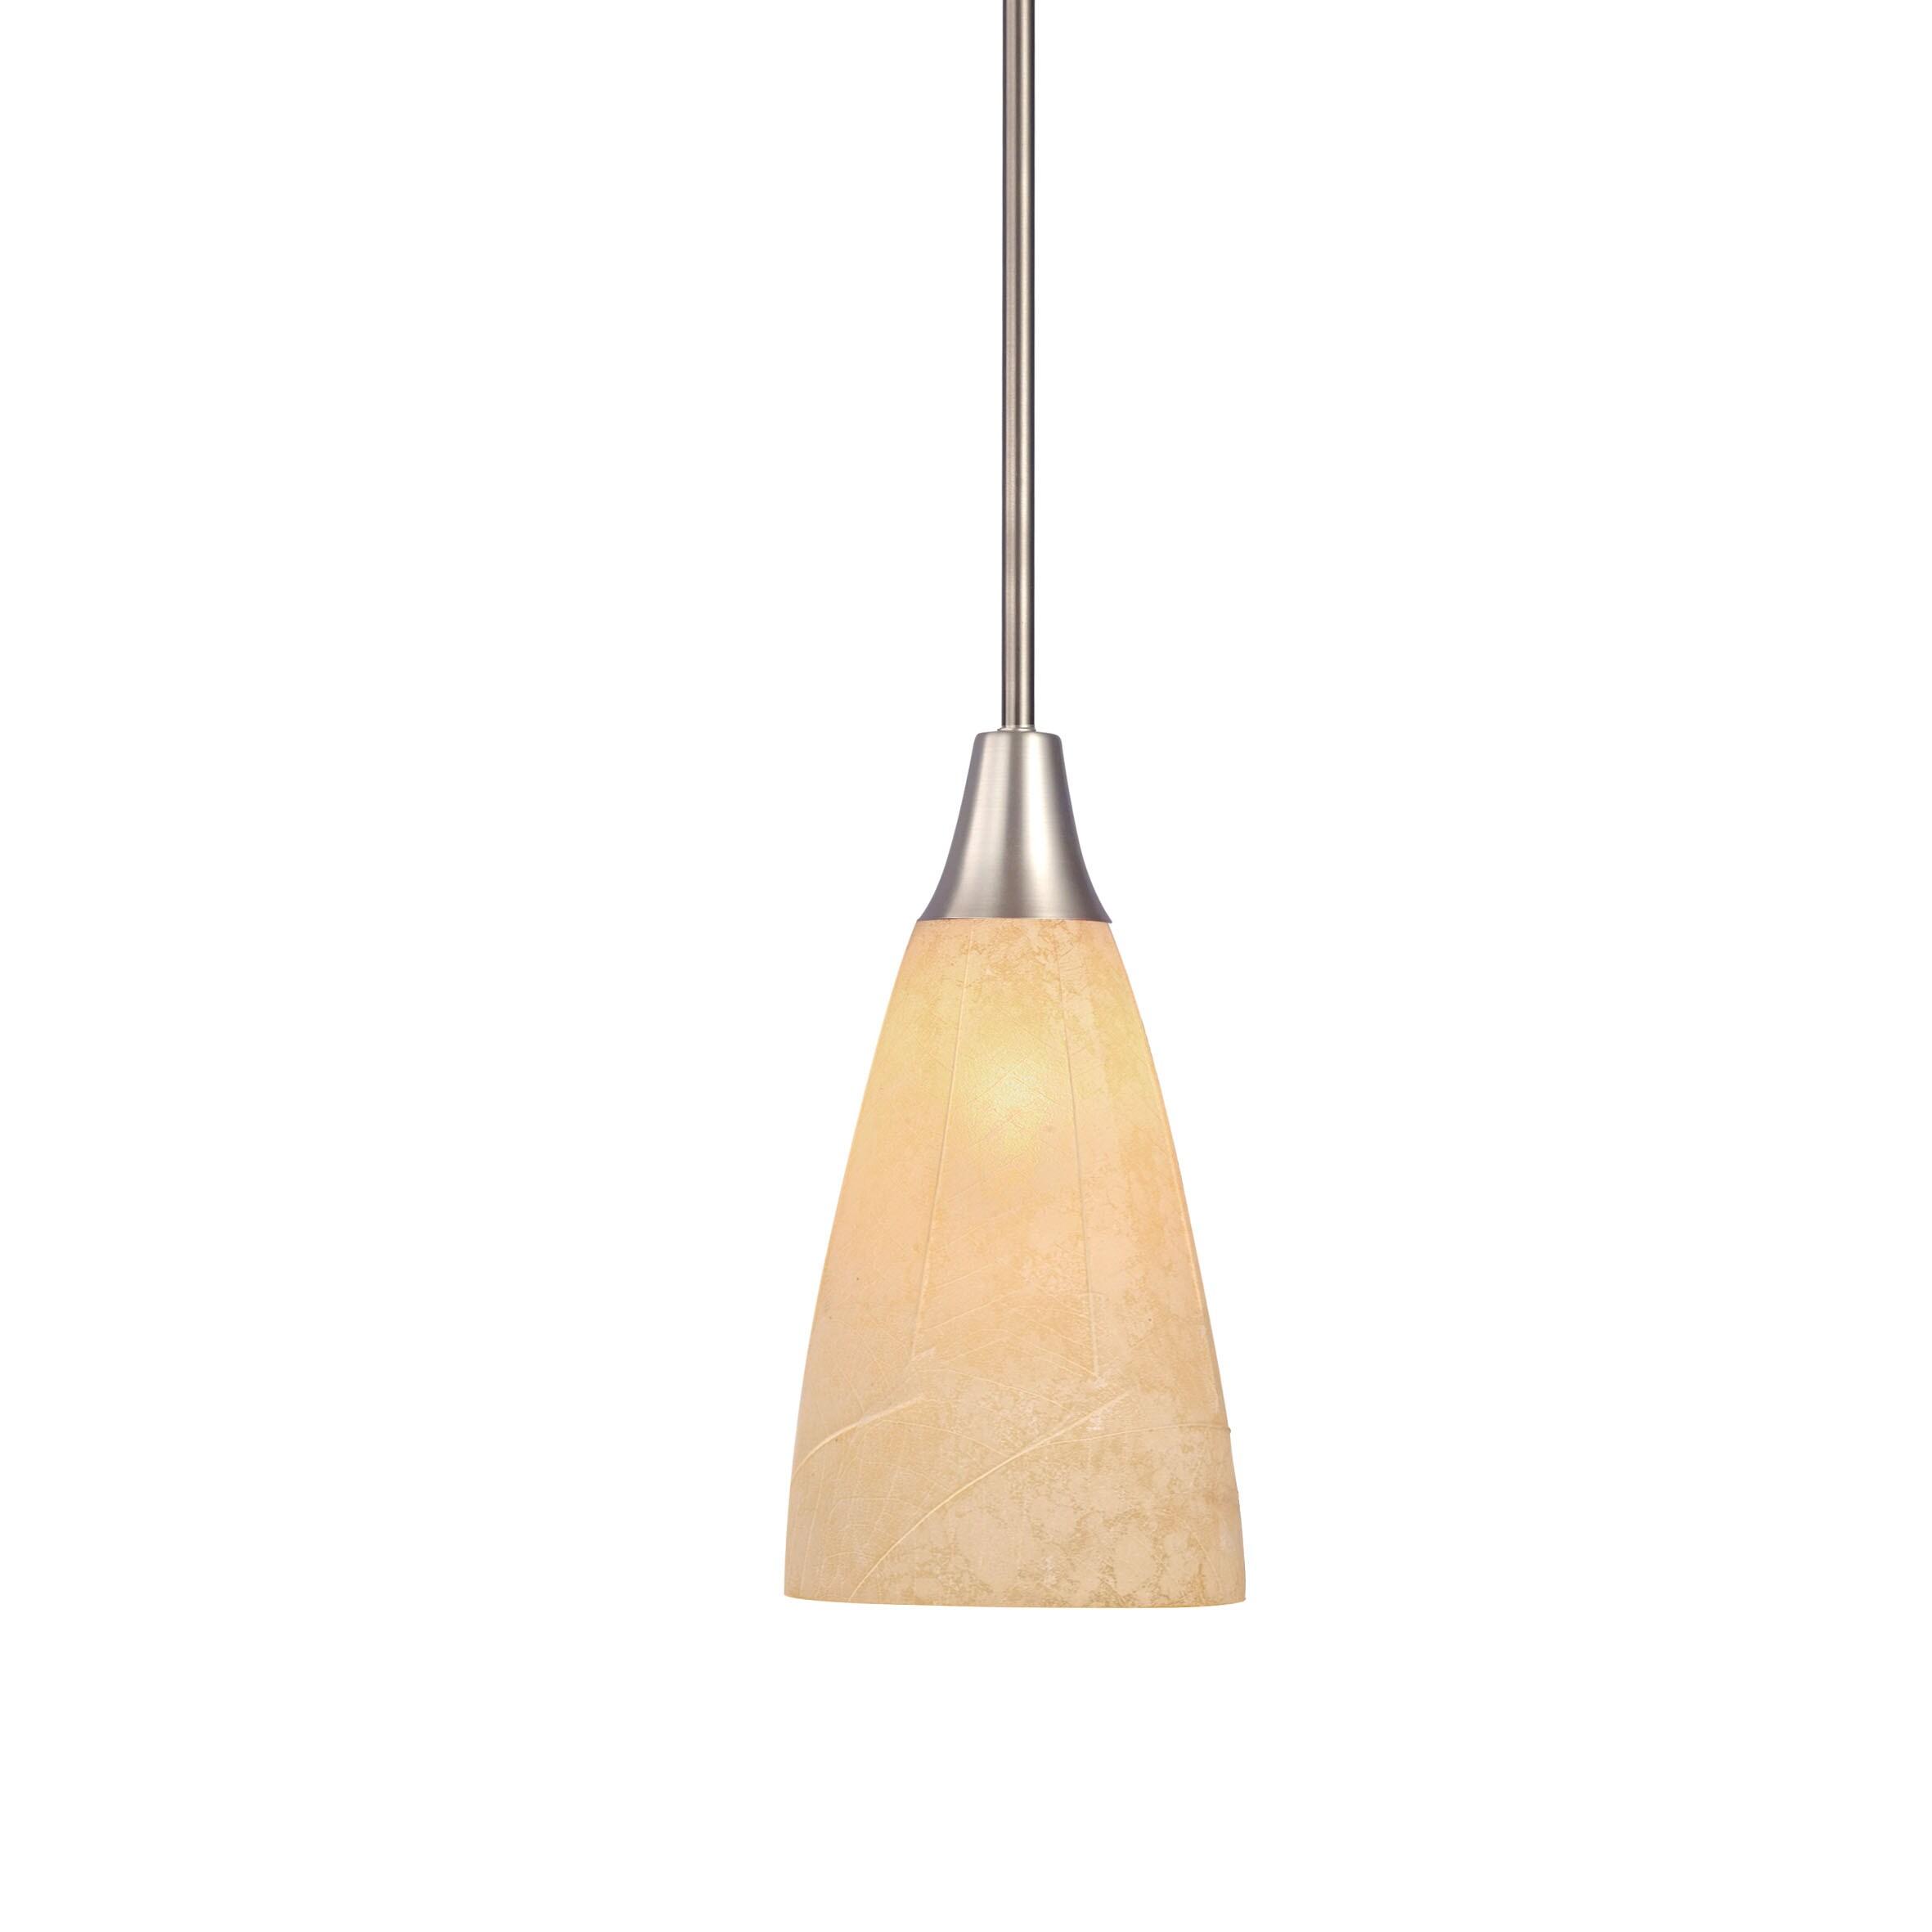 Woodbridge Lighting 1 light Satin Nickel AE18 Mini Pendant